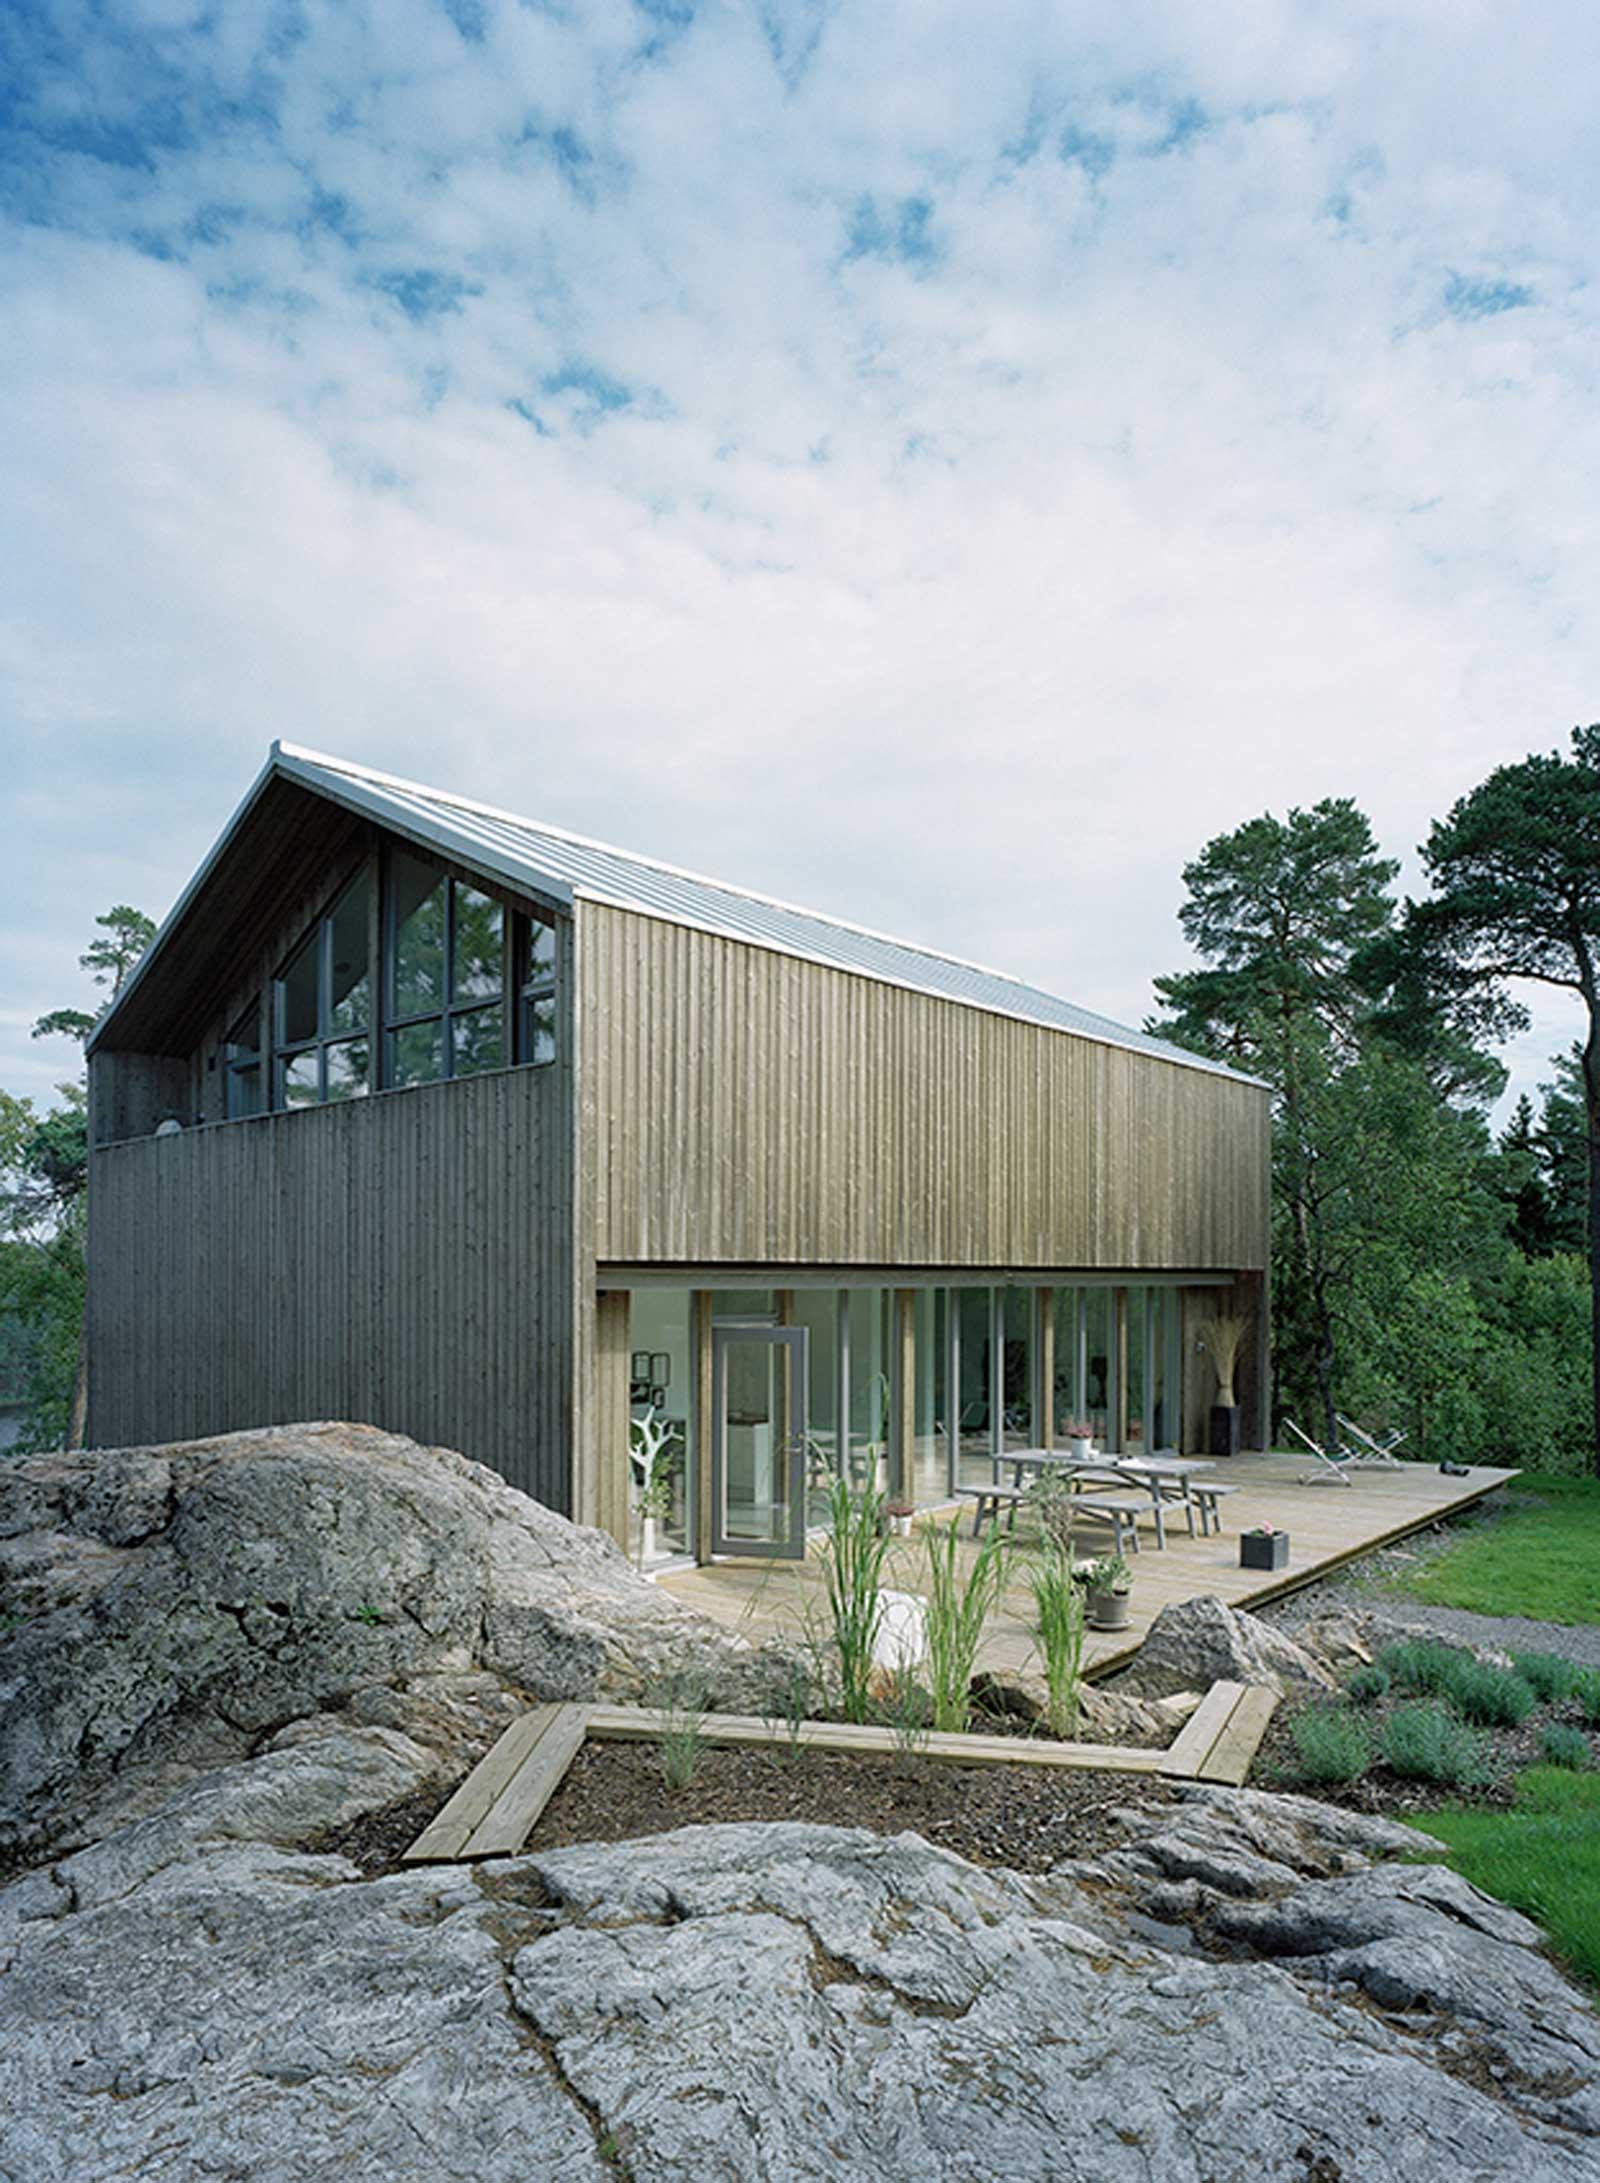 Botucatu House är ett arkitektoniskt mästerverk